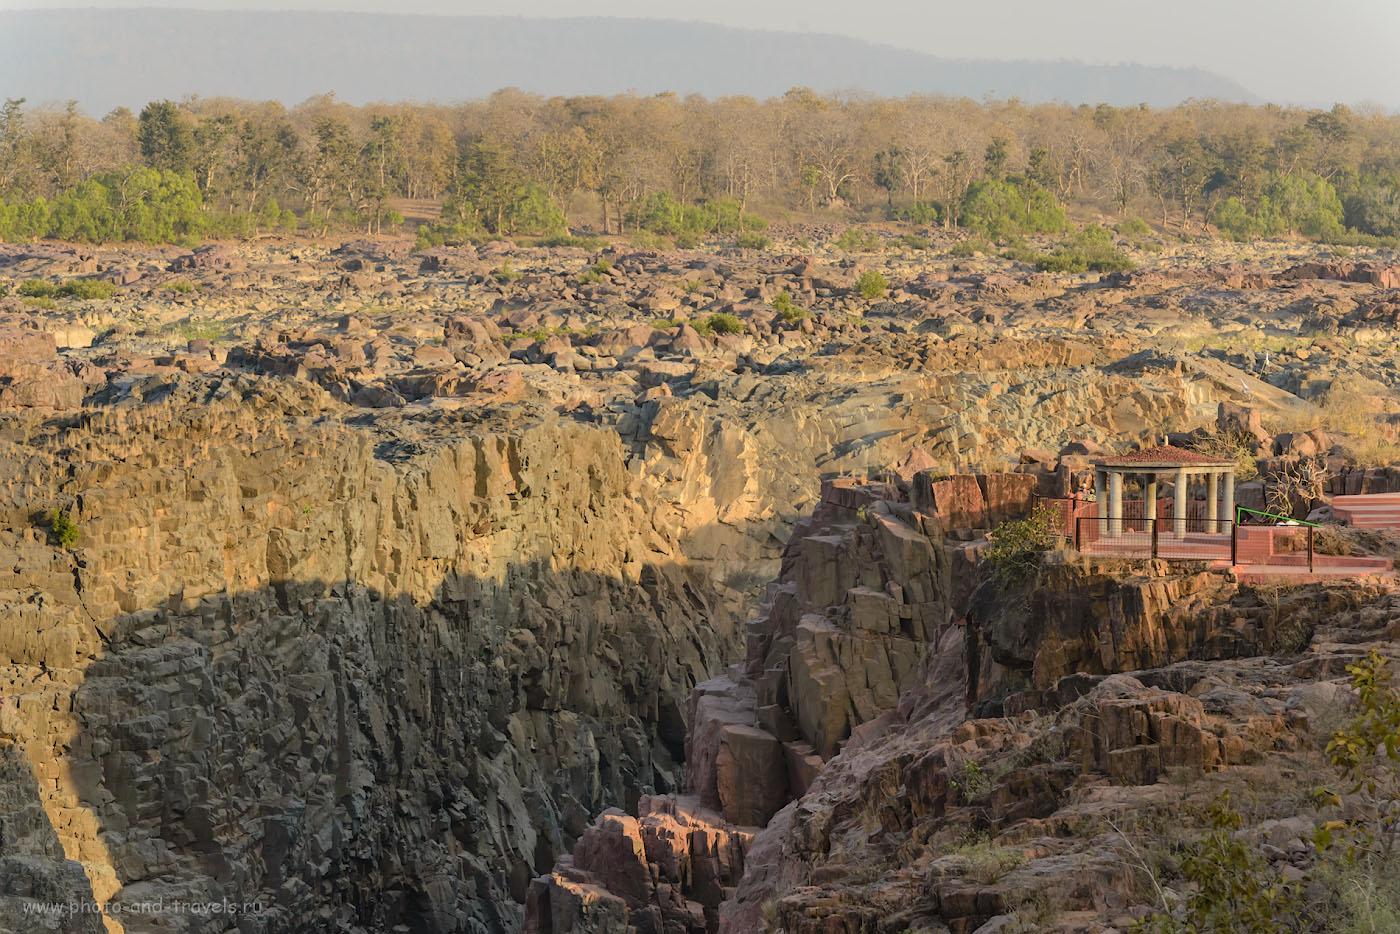 Фотография 13. Смотровая площадка у водопадов Raneh Falls. Именно на ней снято видео, размещенное в отчете выше. 1/400, -0.33, 10.0, 1250, 195.